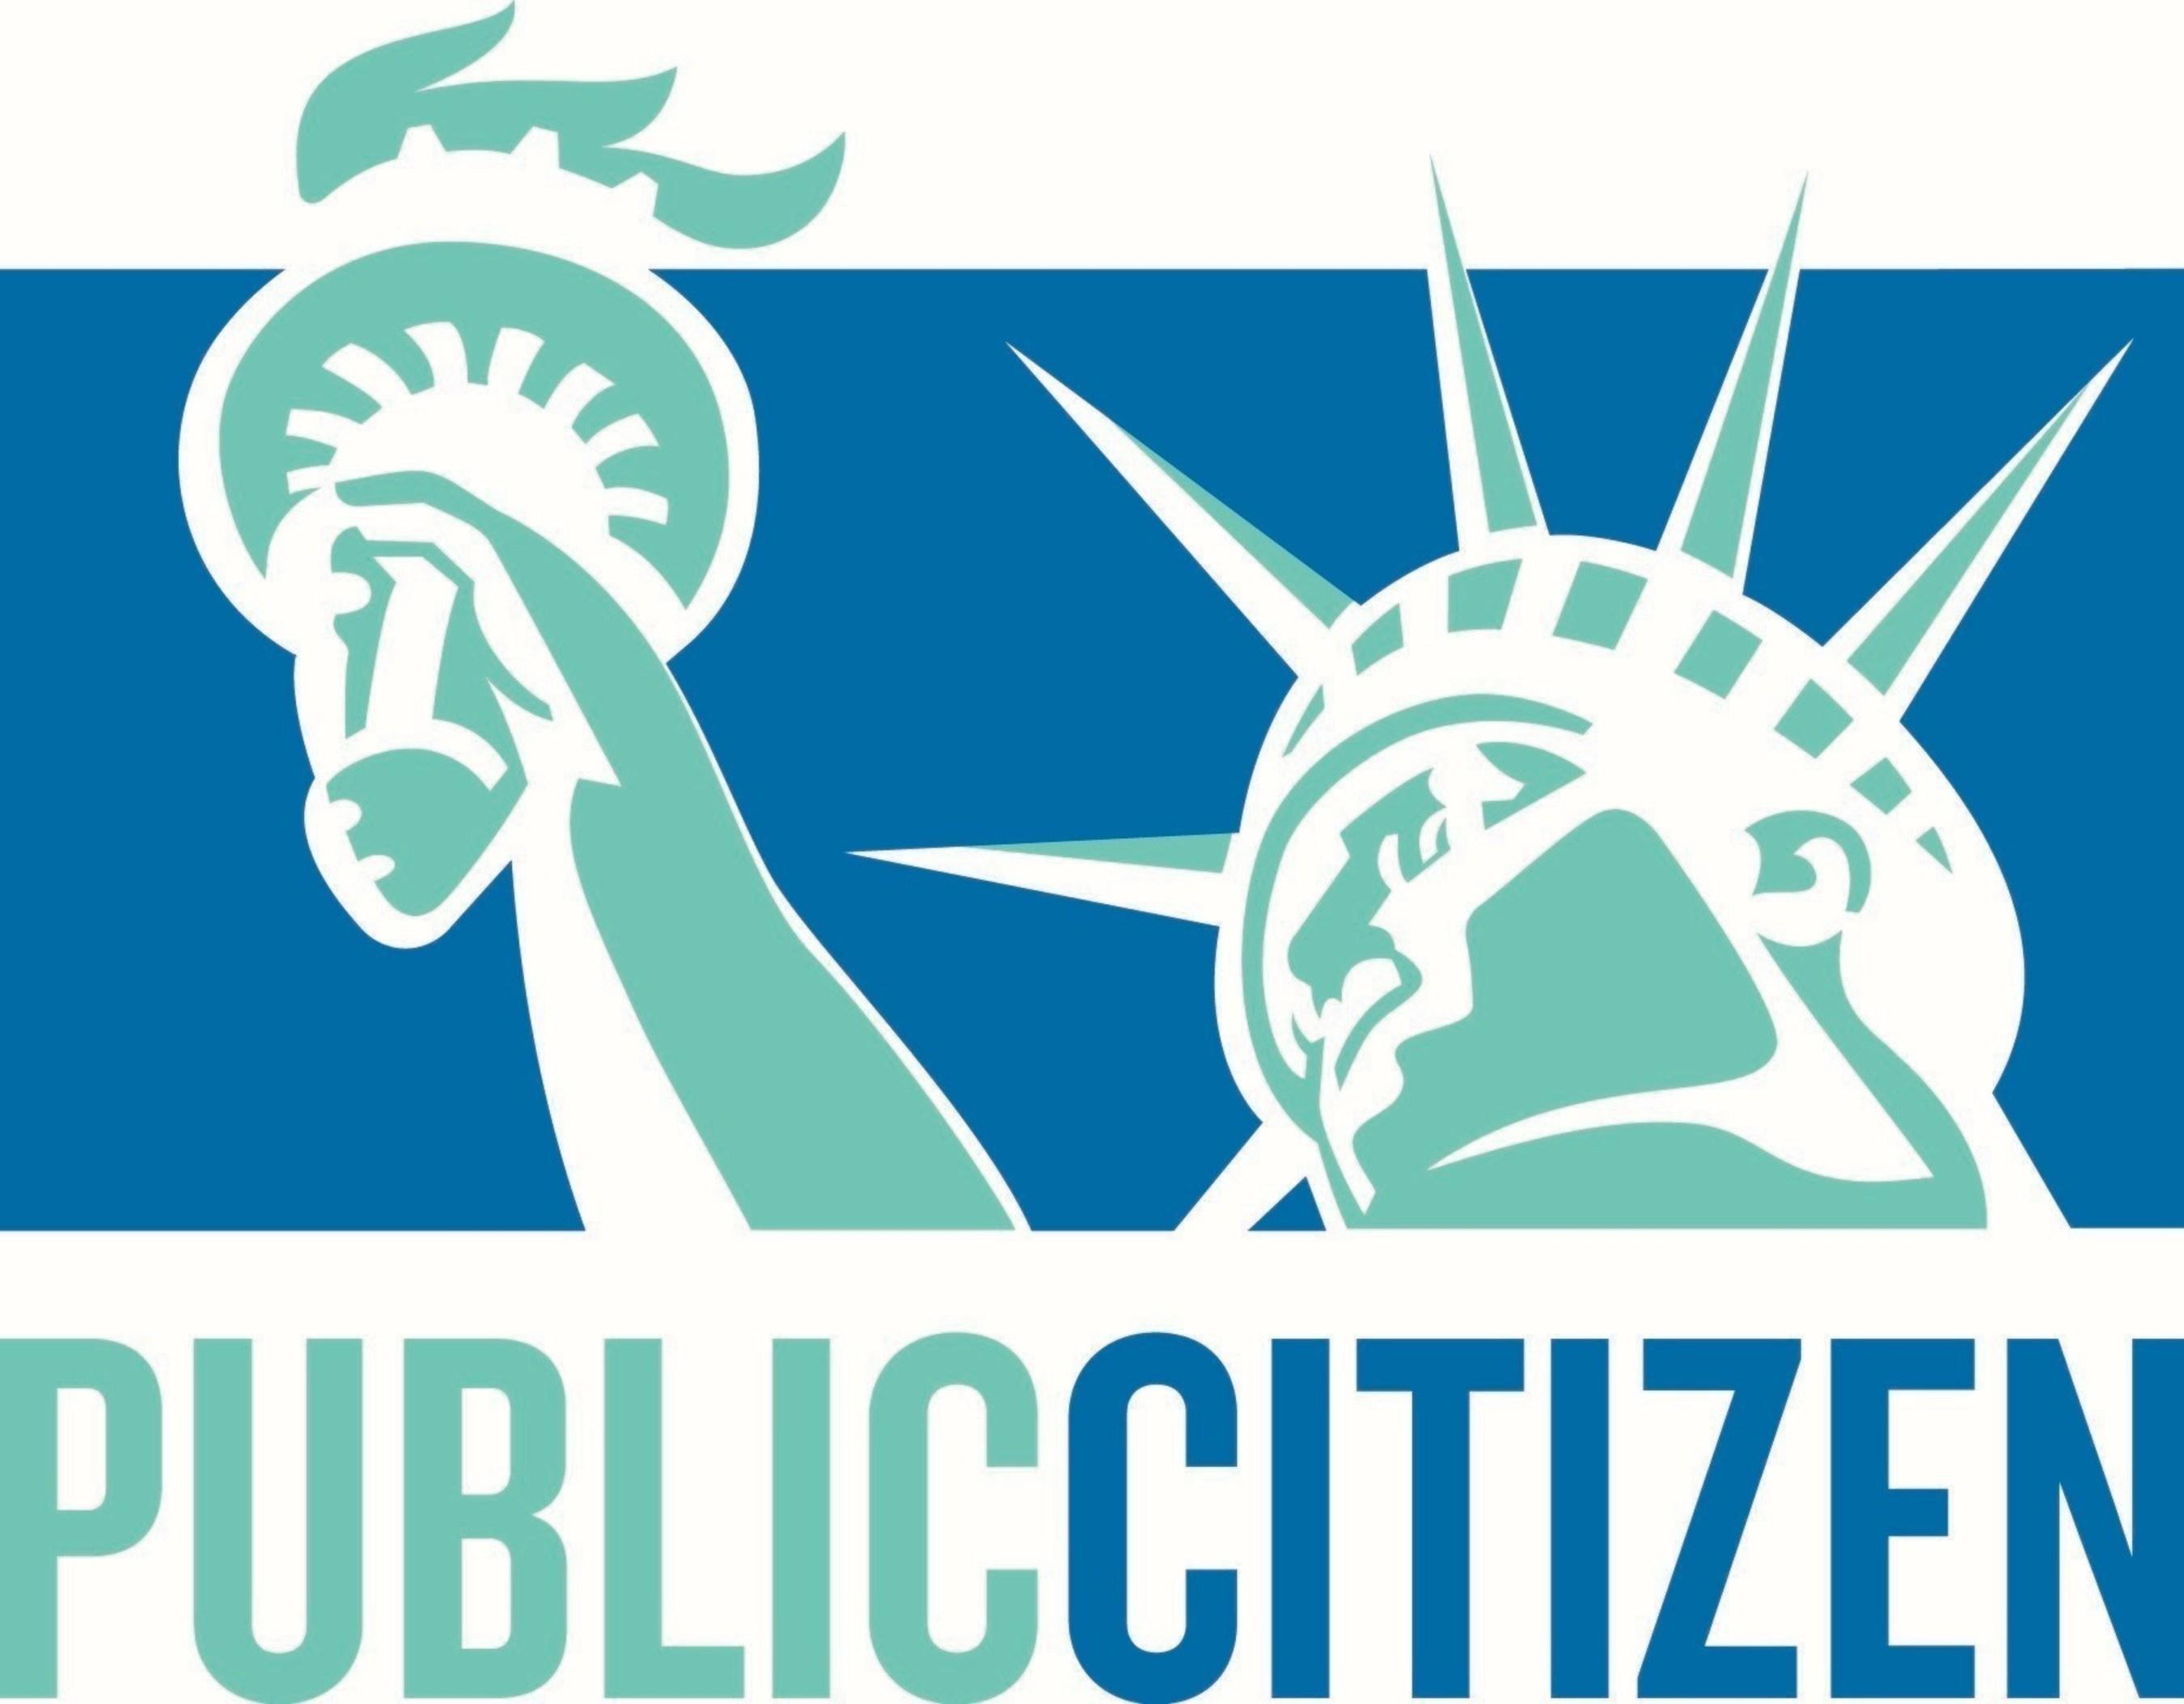 Public Citizen logo